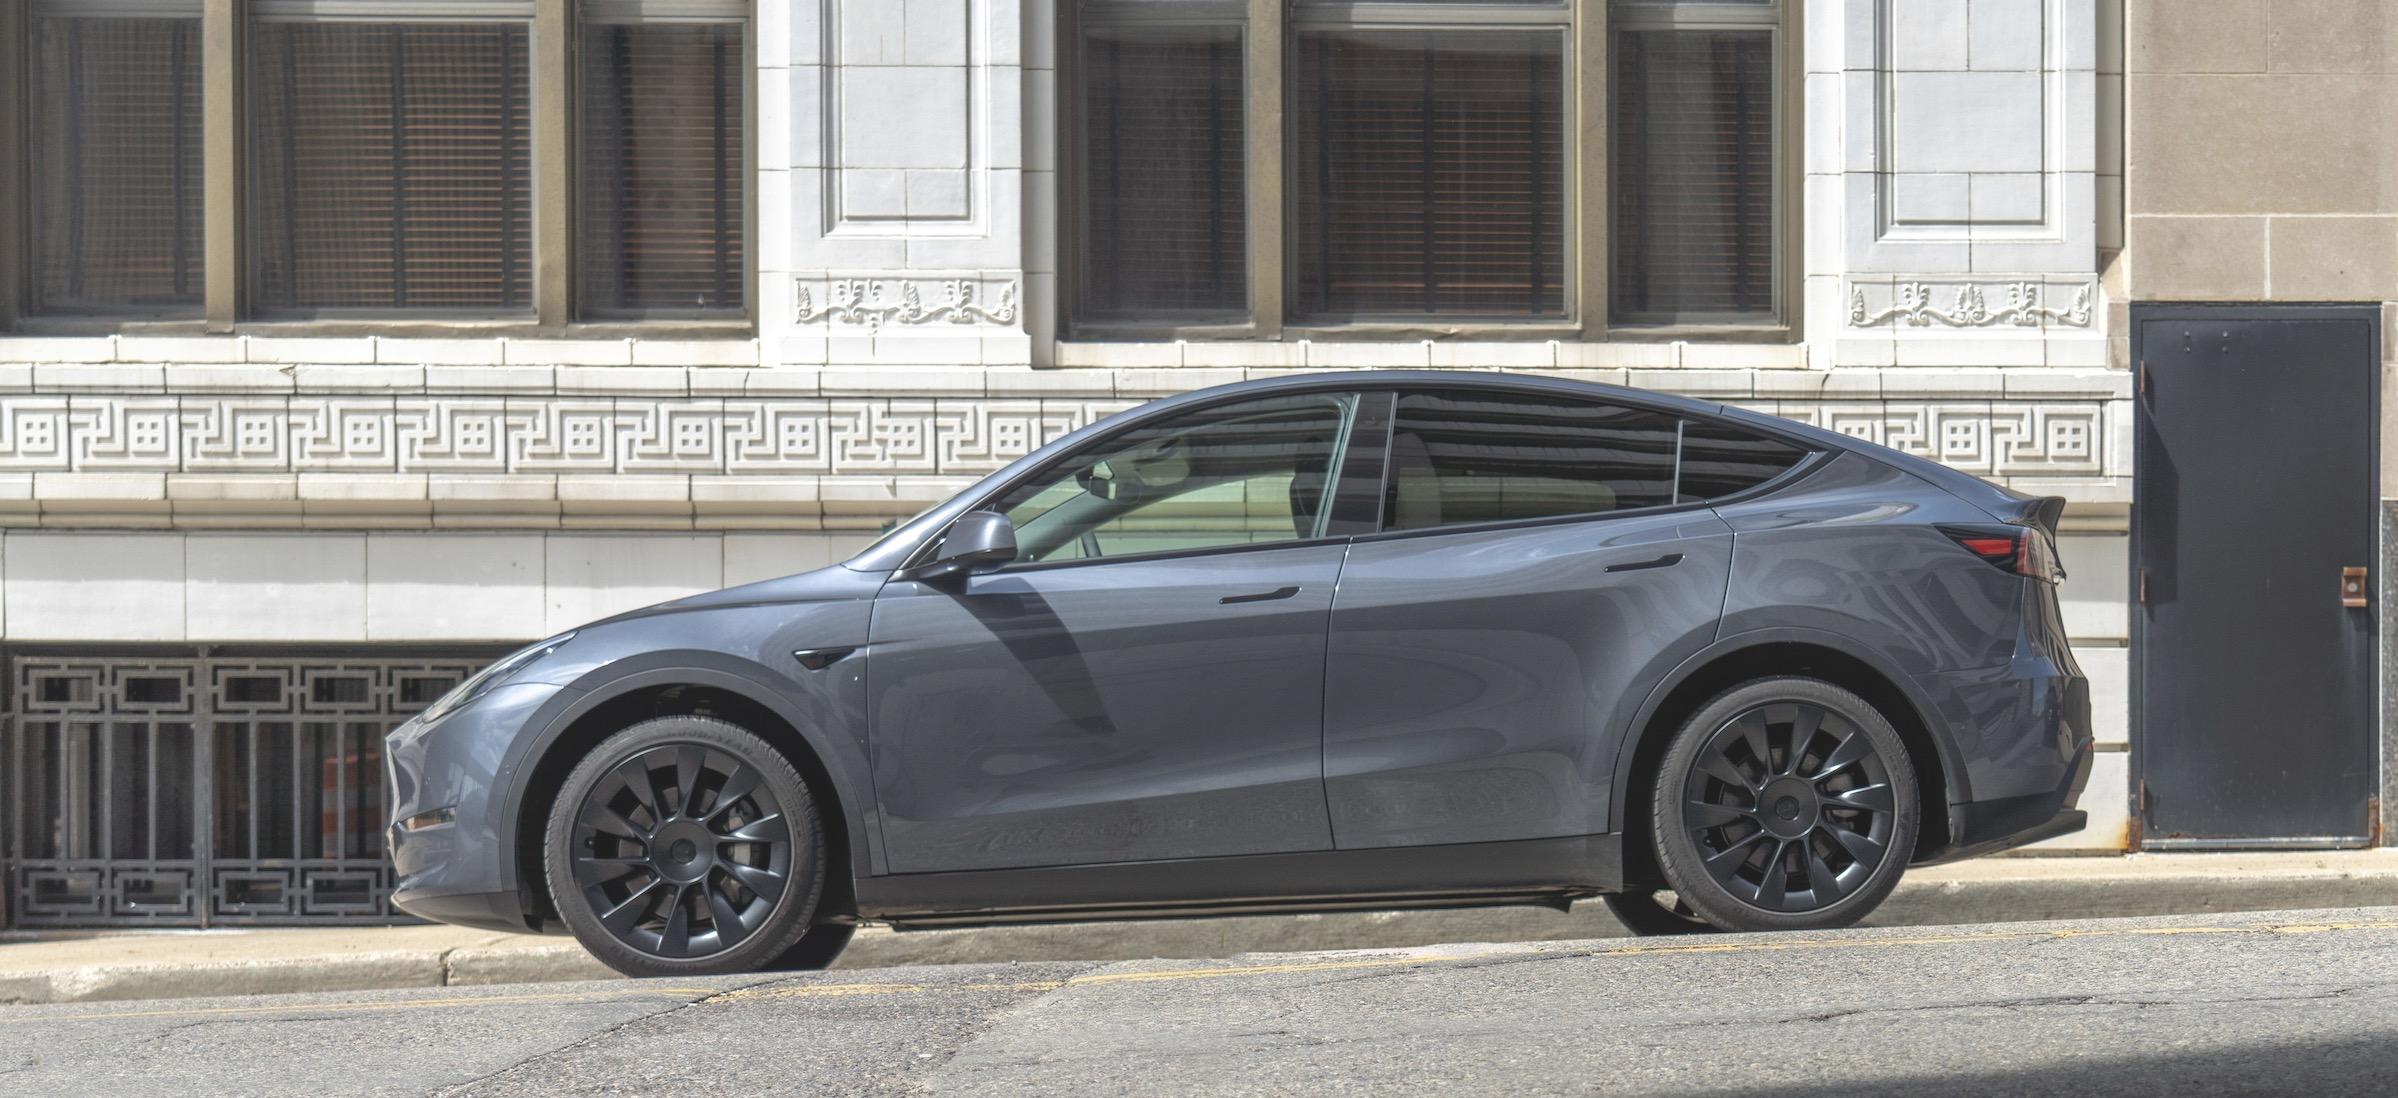 zakup samochodu przez internet tesla model y europa